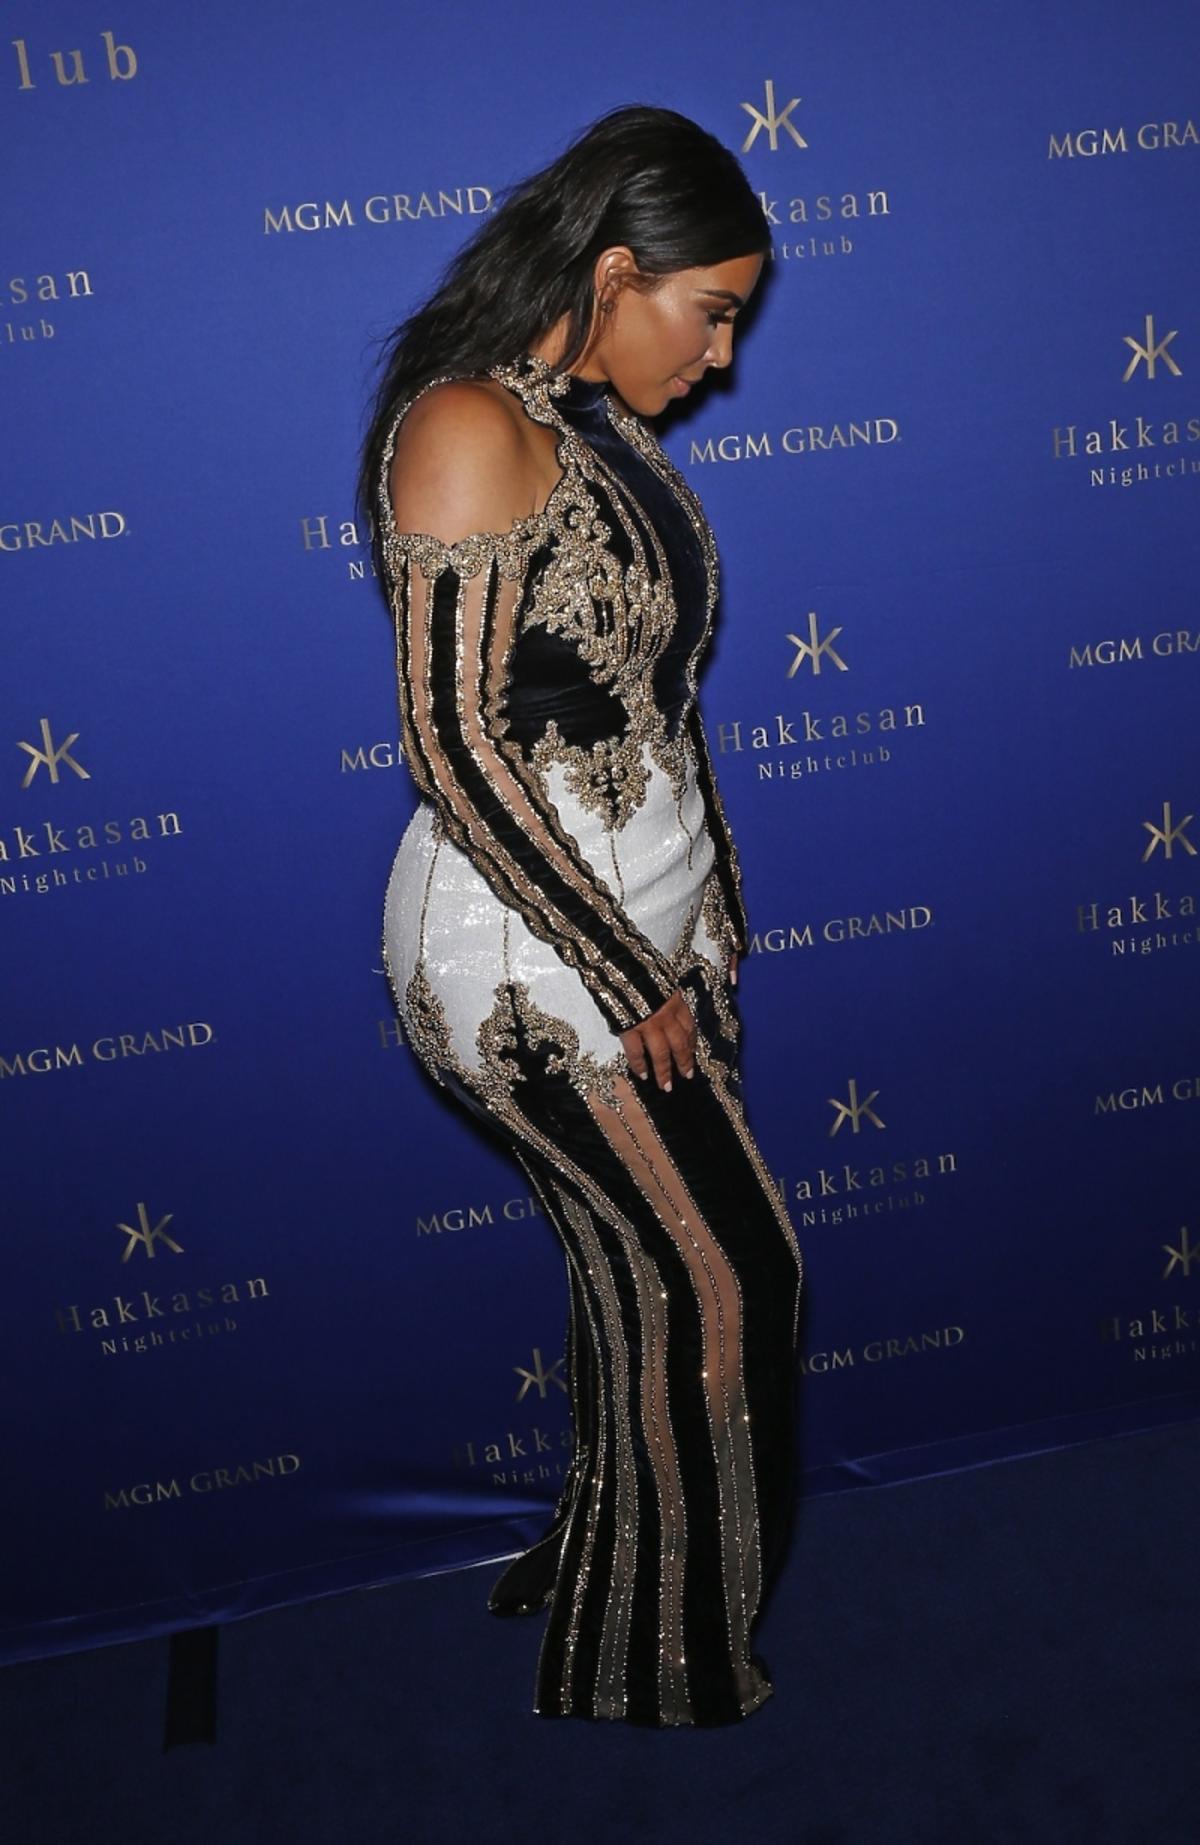 Kim Kardashian w długiej sukni w czarno-złote pasy z odkrytymi ramionami i białym materiałem na biodrach